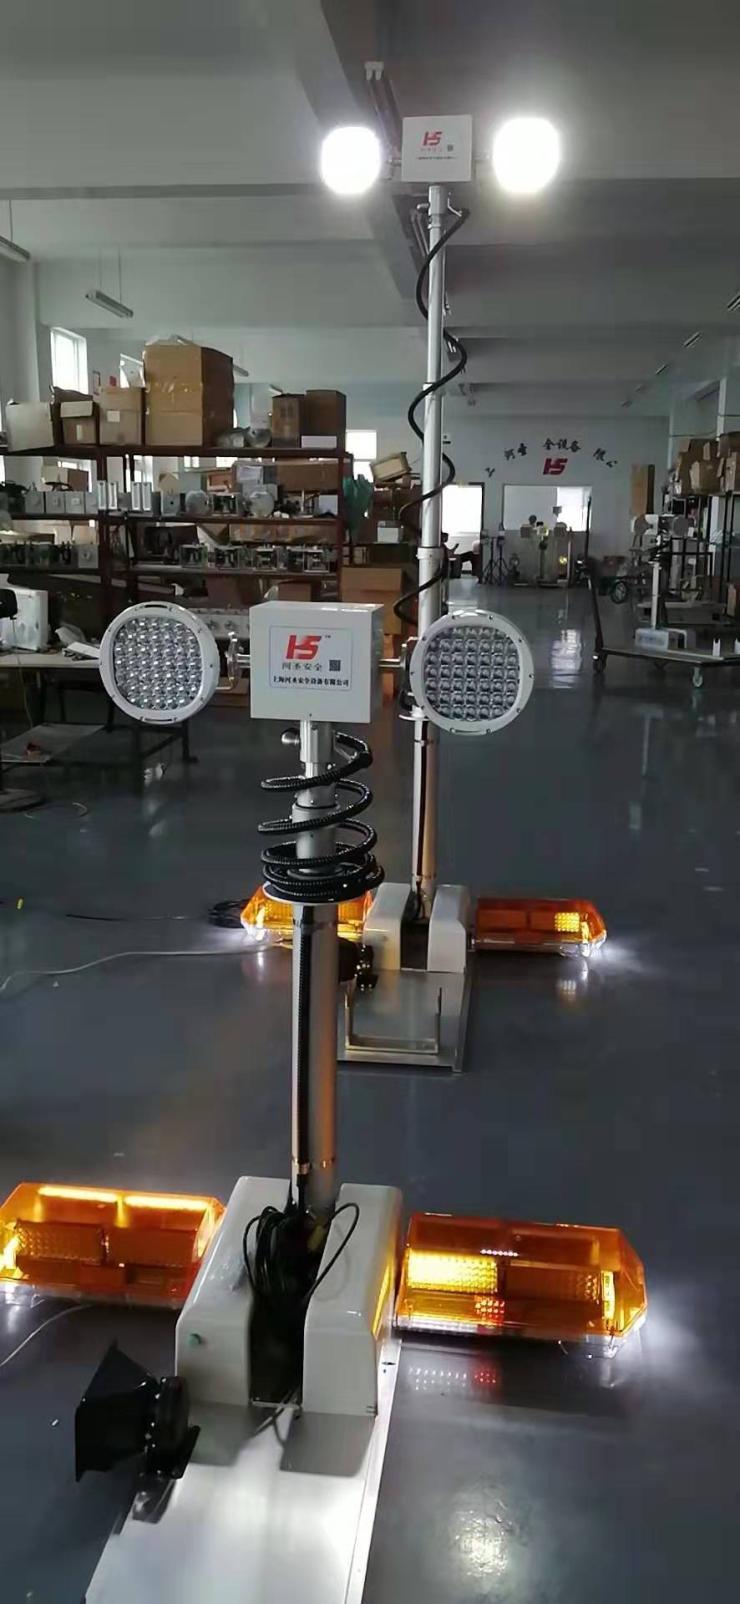 遙控升降照明燈勘察車載升降照明燈河圣安全上海河圣制造商